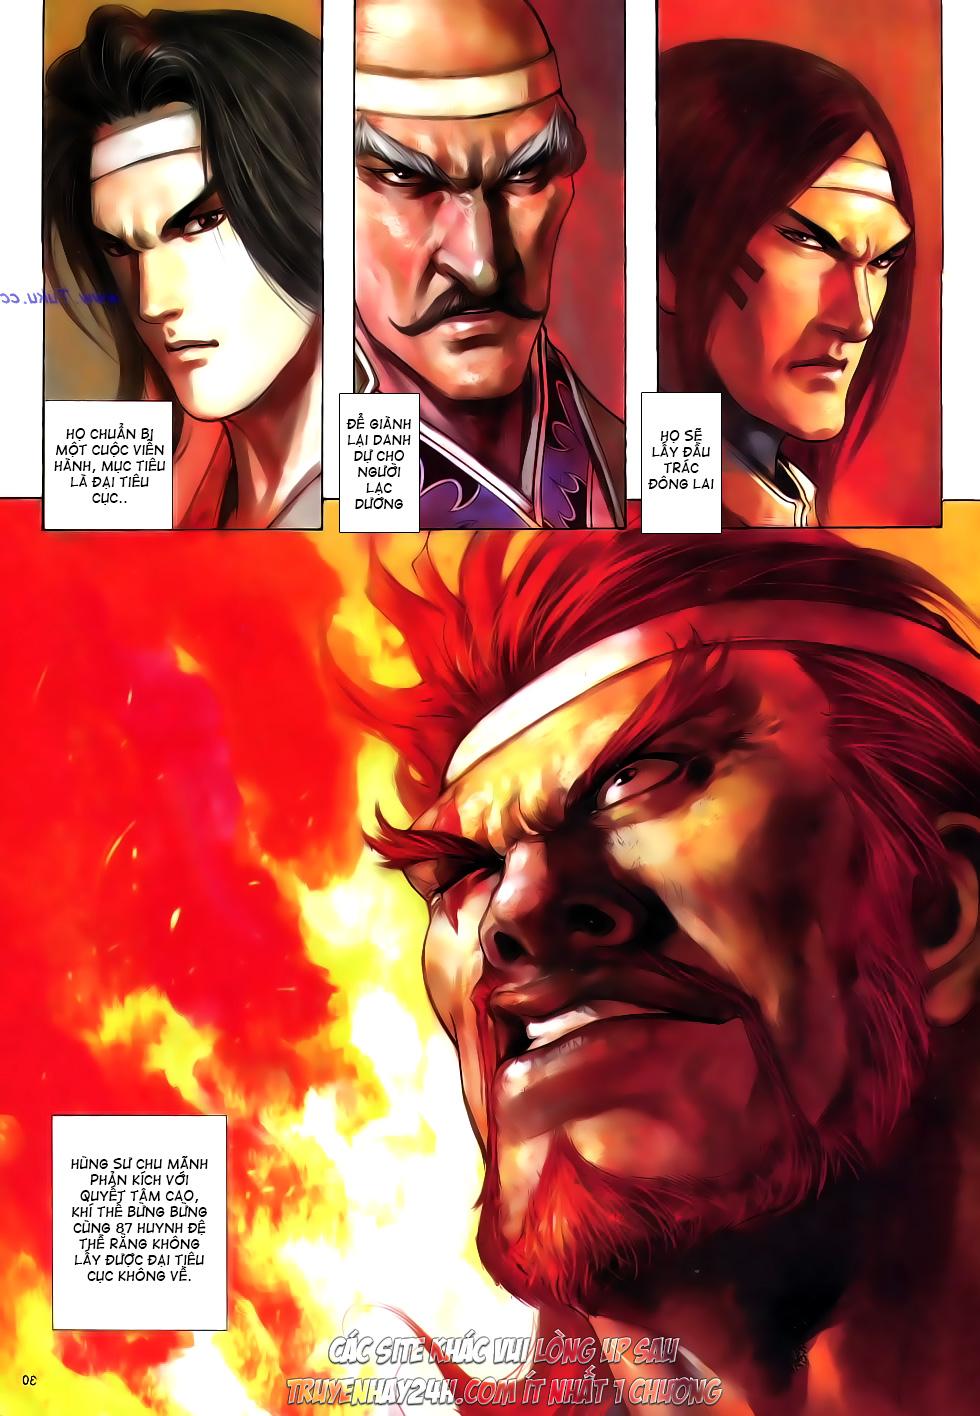 Anh hùng vô lệ Chap 16: Kiếm túy sư cuồng bất lưu đấu  trang 31